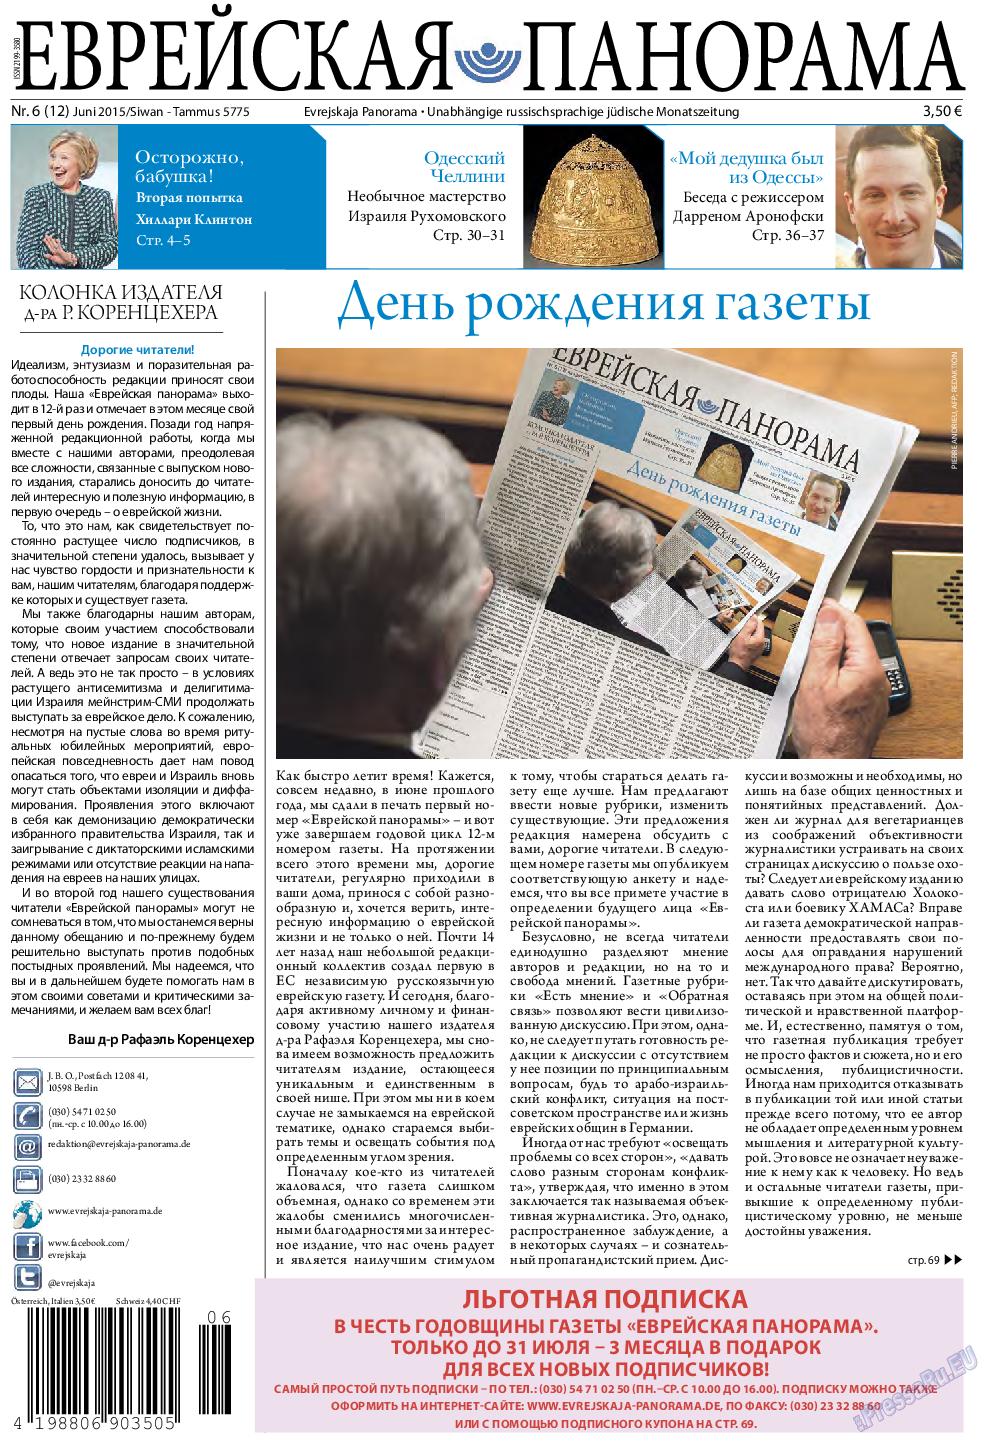 Еврейская панорама (газета). 2015 год, номер 6, стр. 1